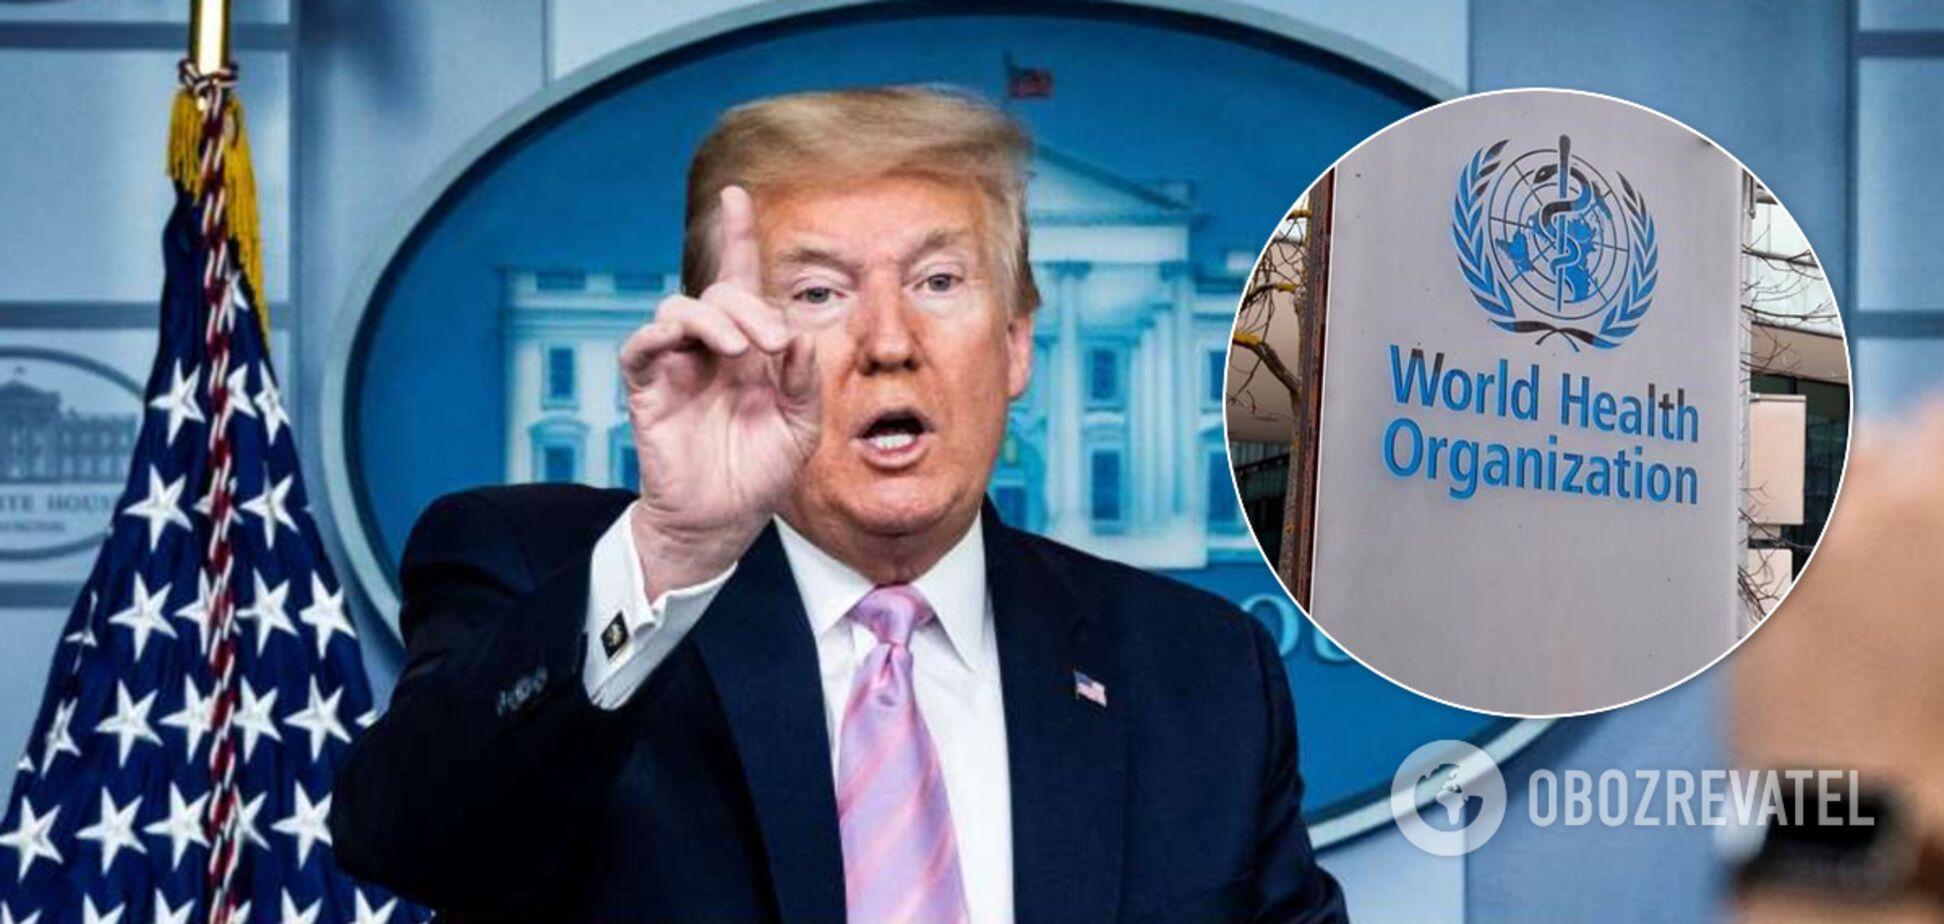 Трамп пригрозив виходом із ВООЗ і СОТ